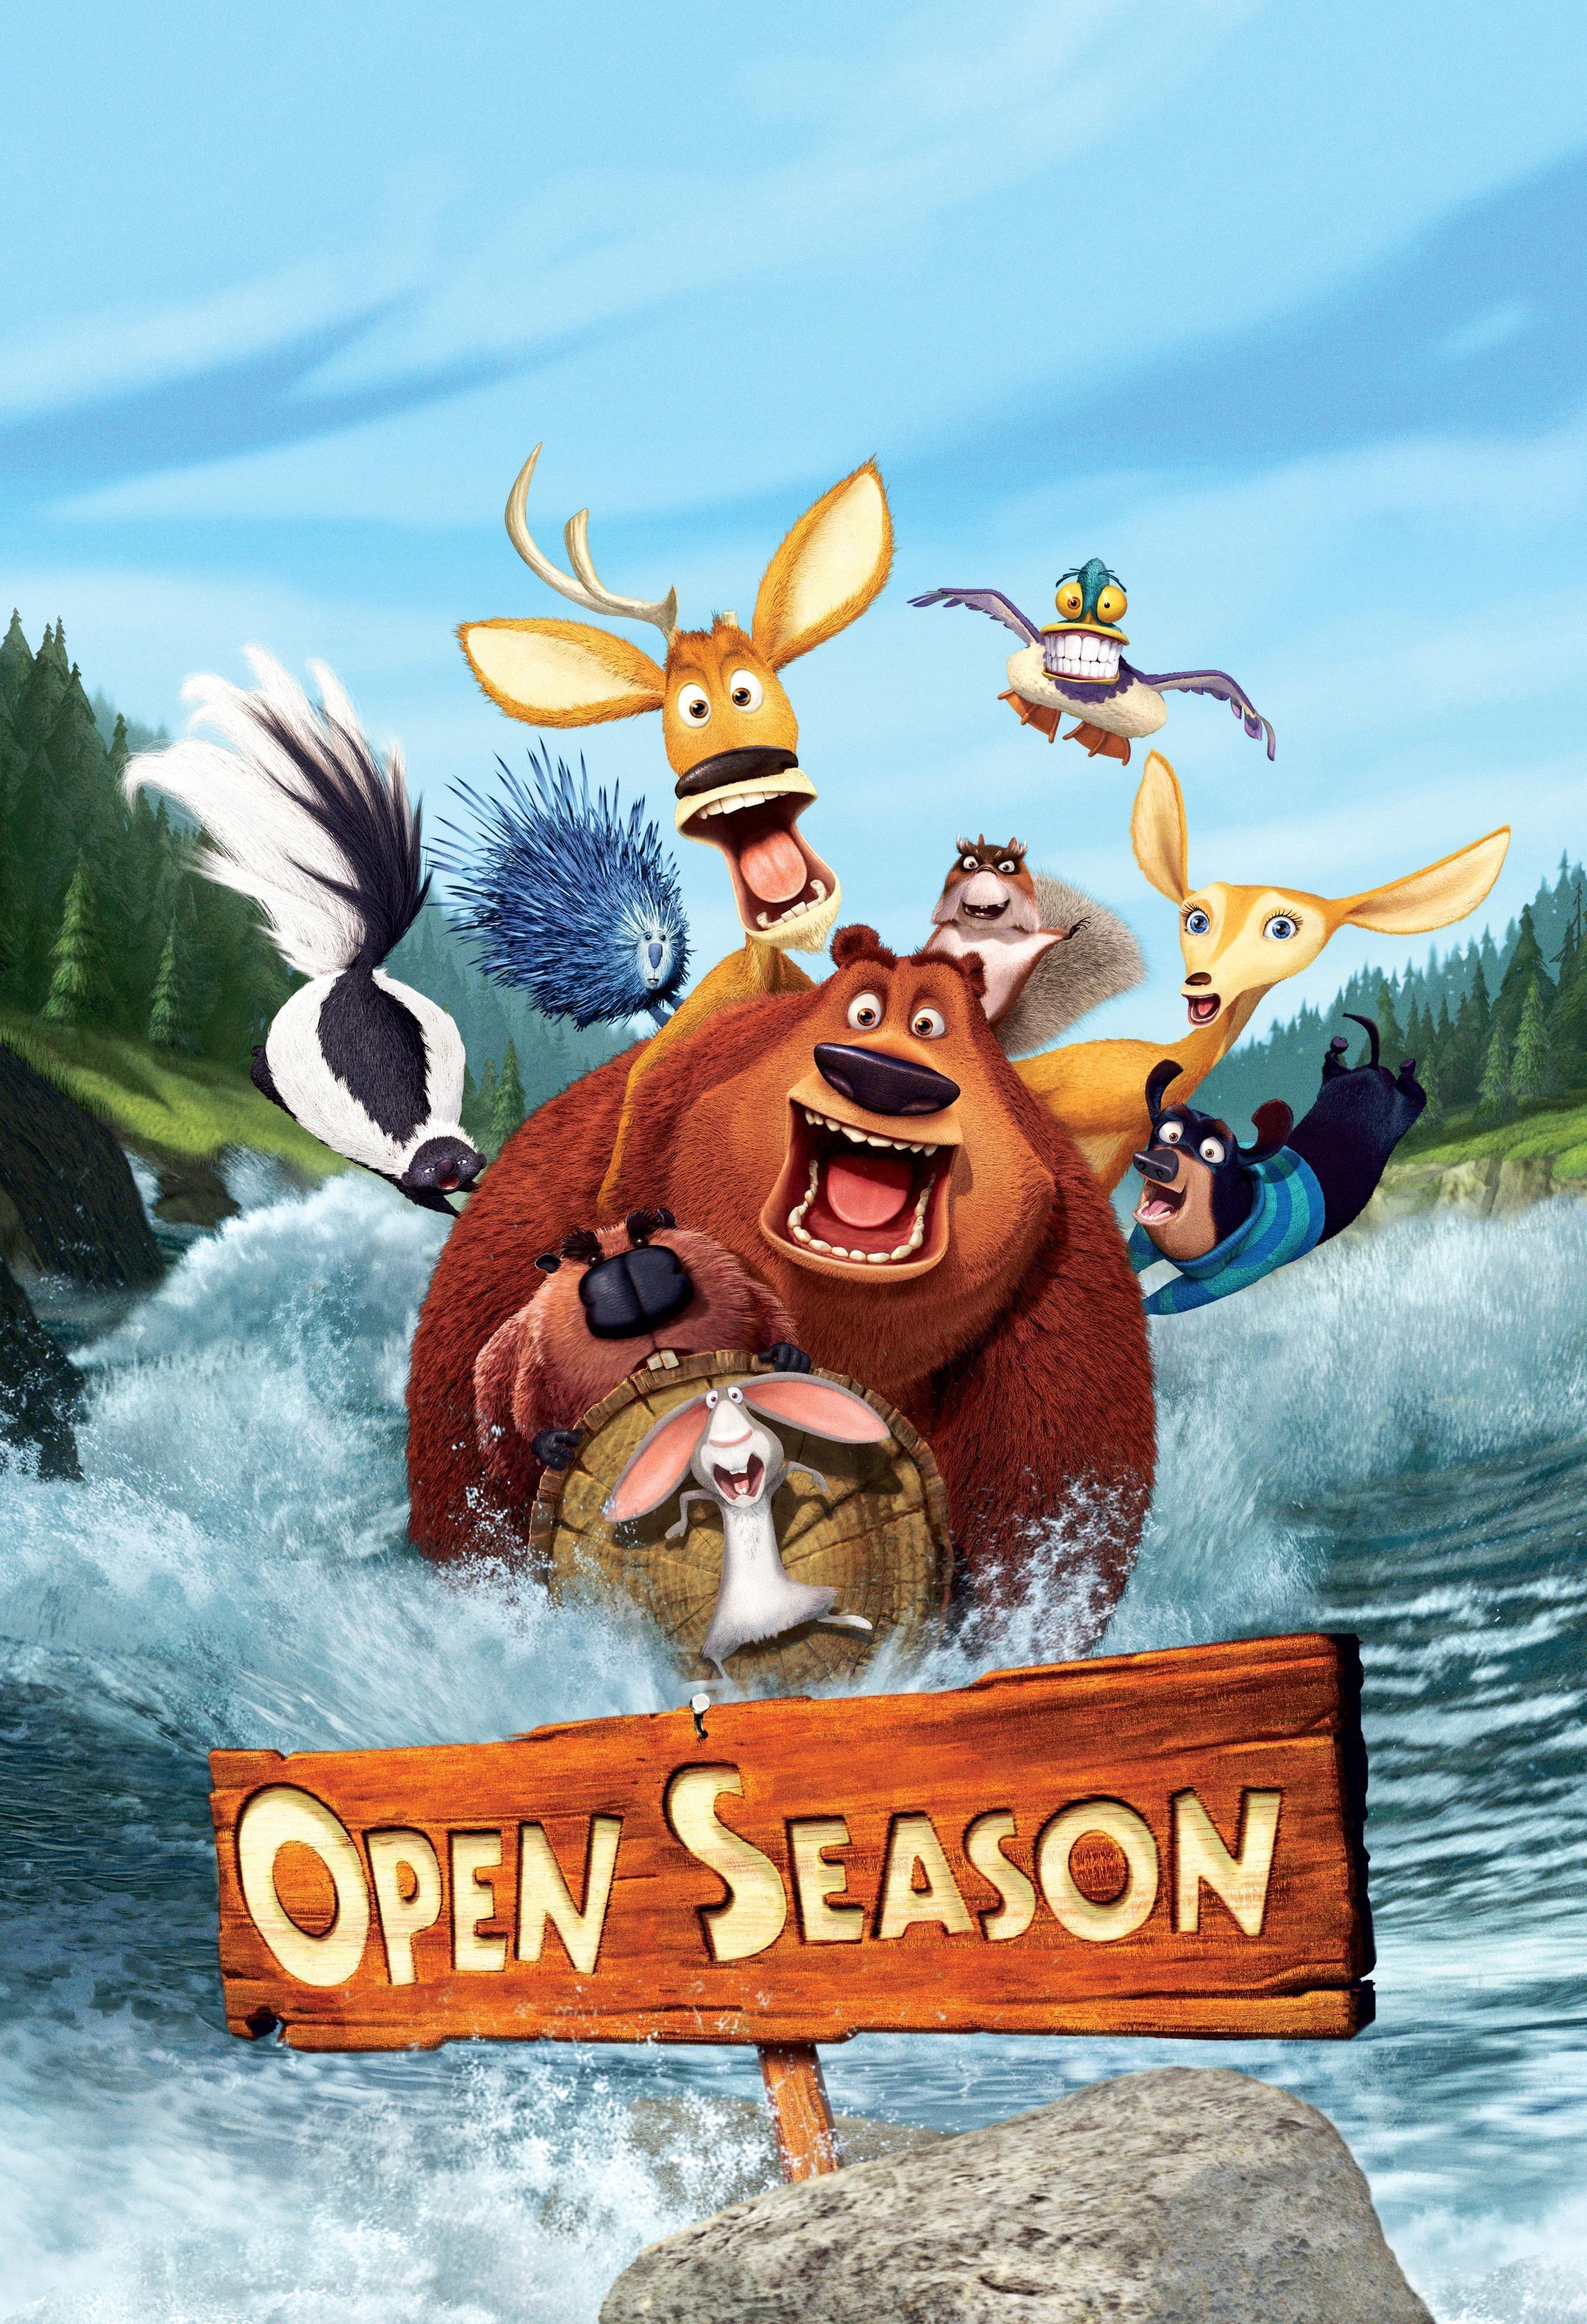 Open Season 2006 Heroes Of The Characters Wiki Fandom